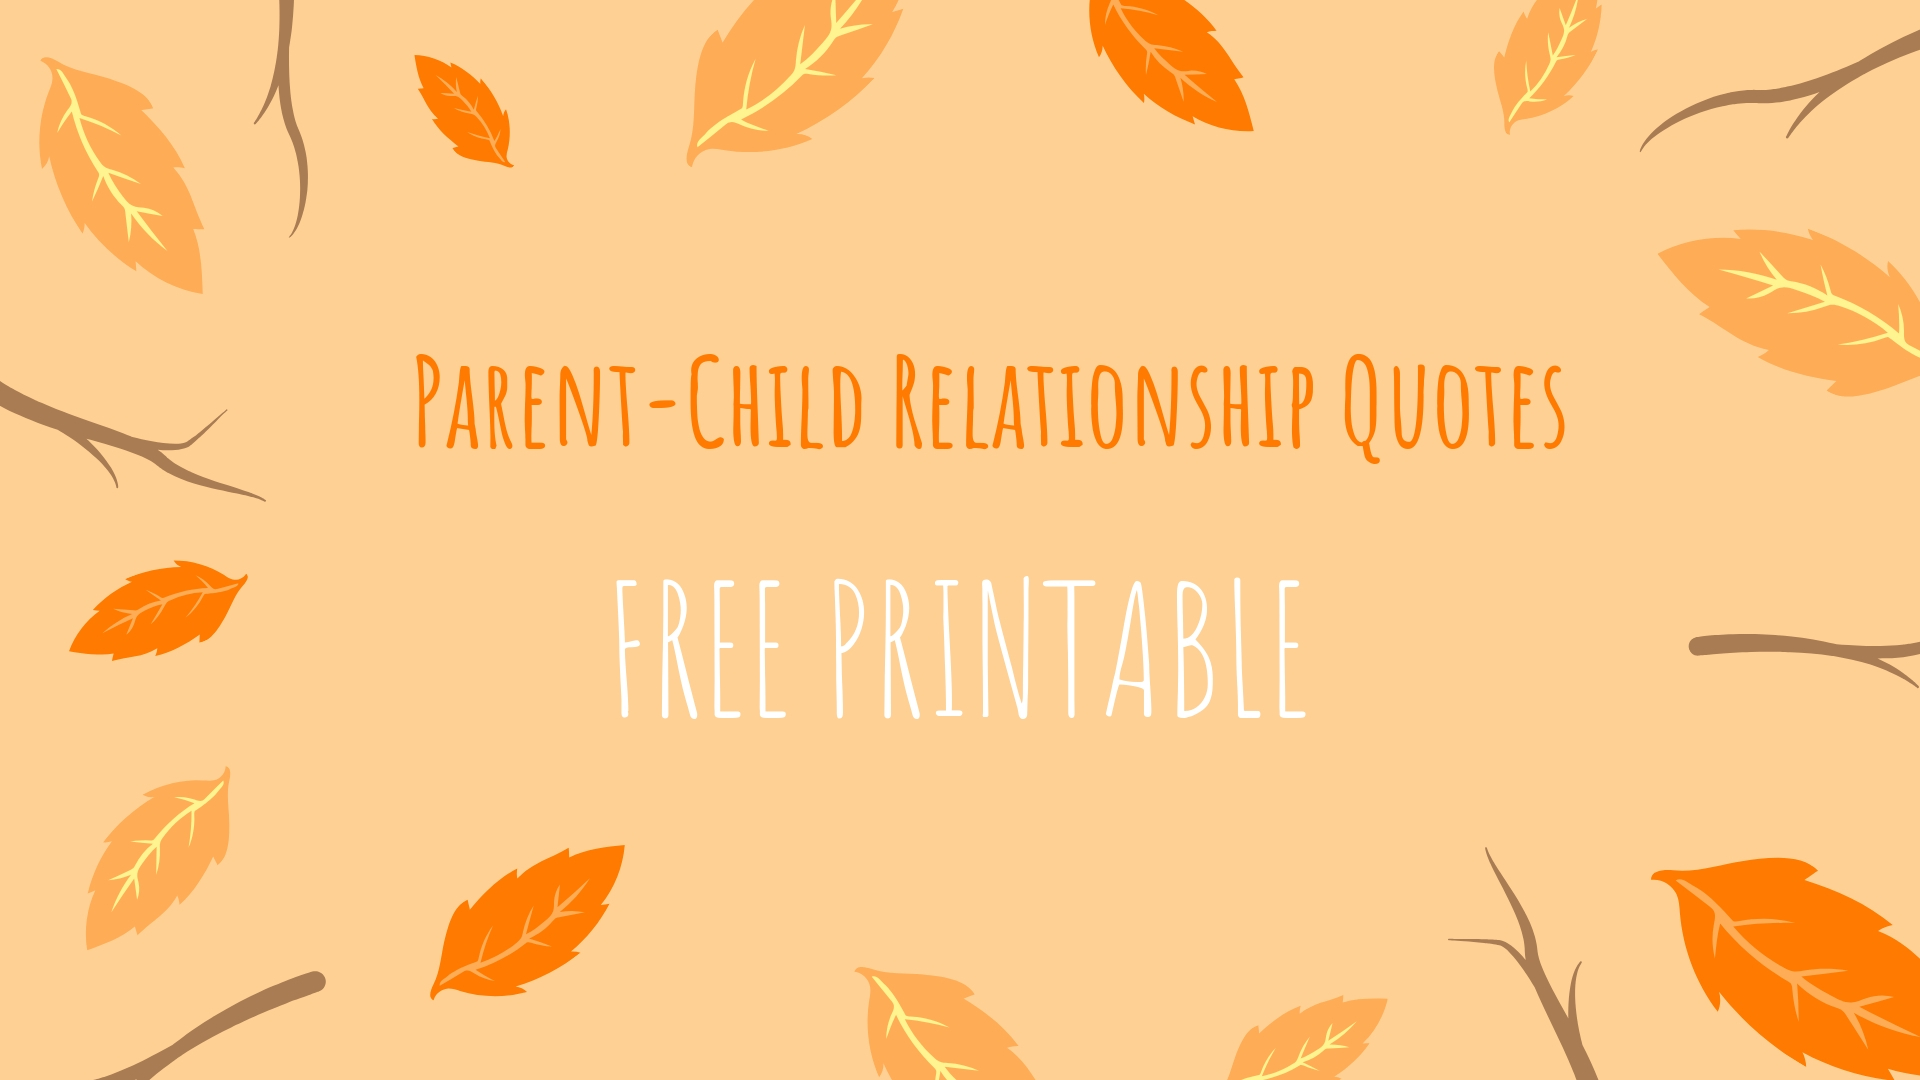 Parent-Child Relationship Quotes